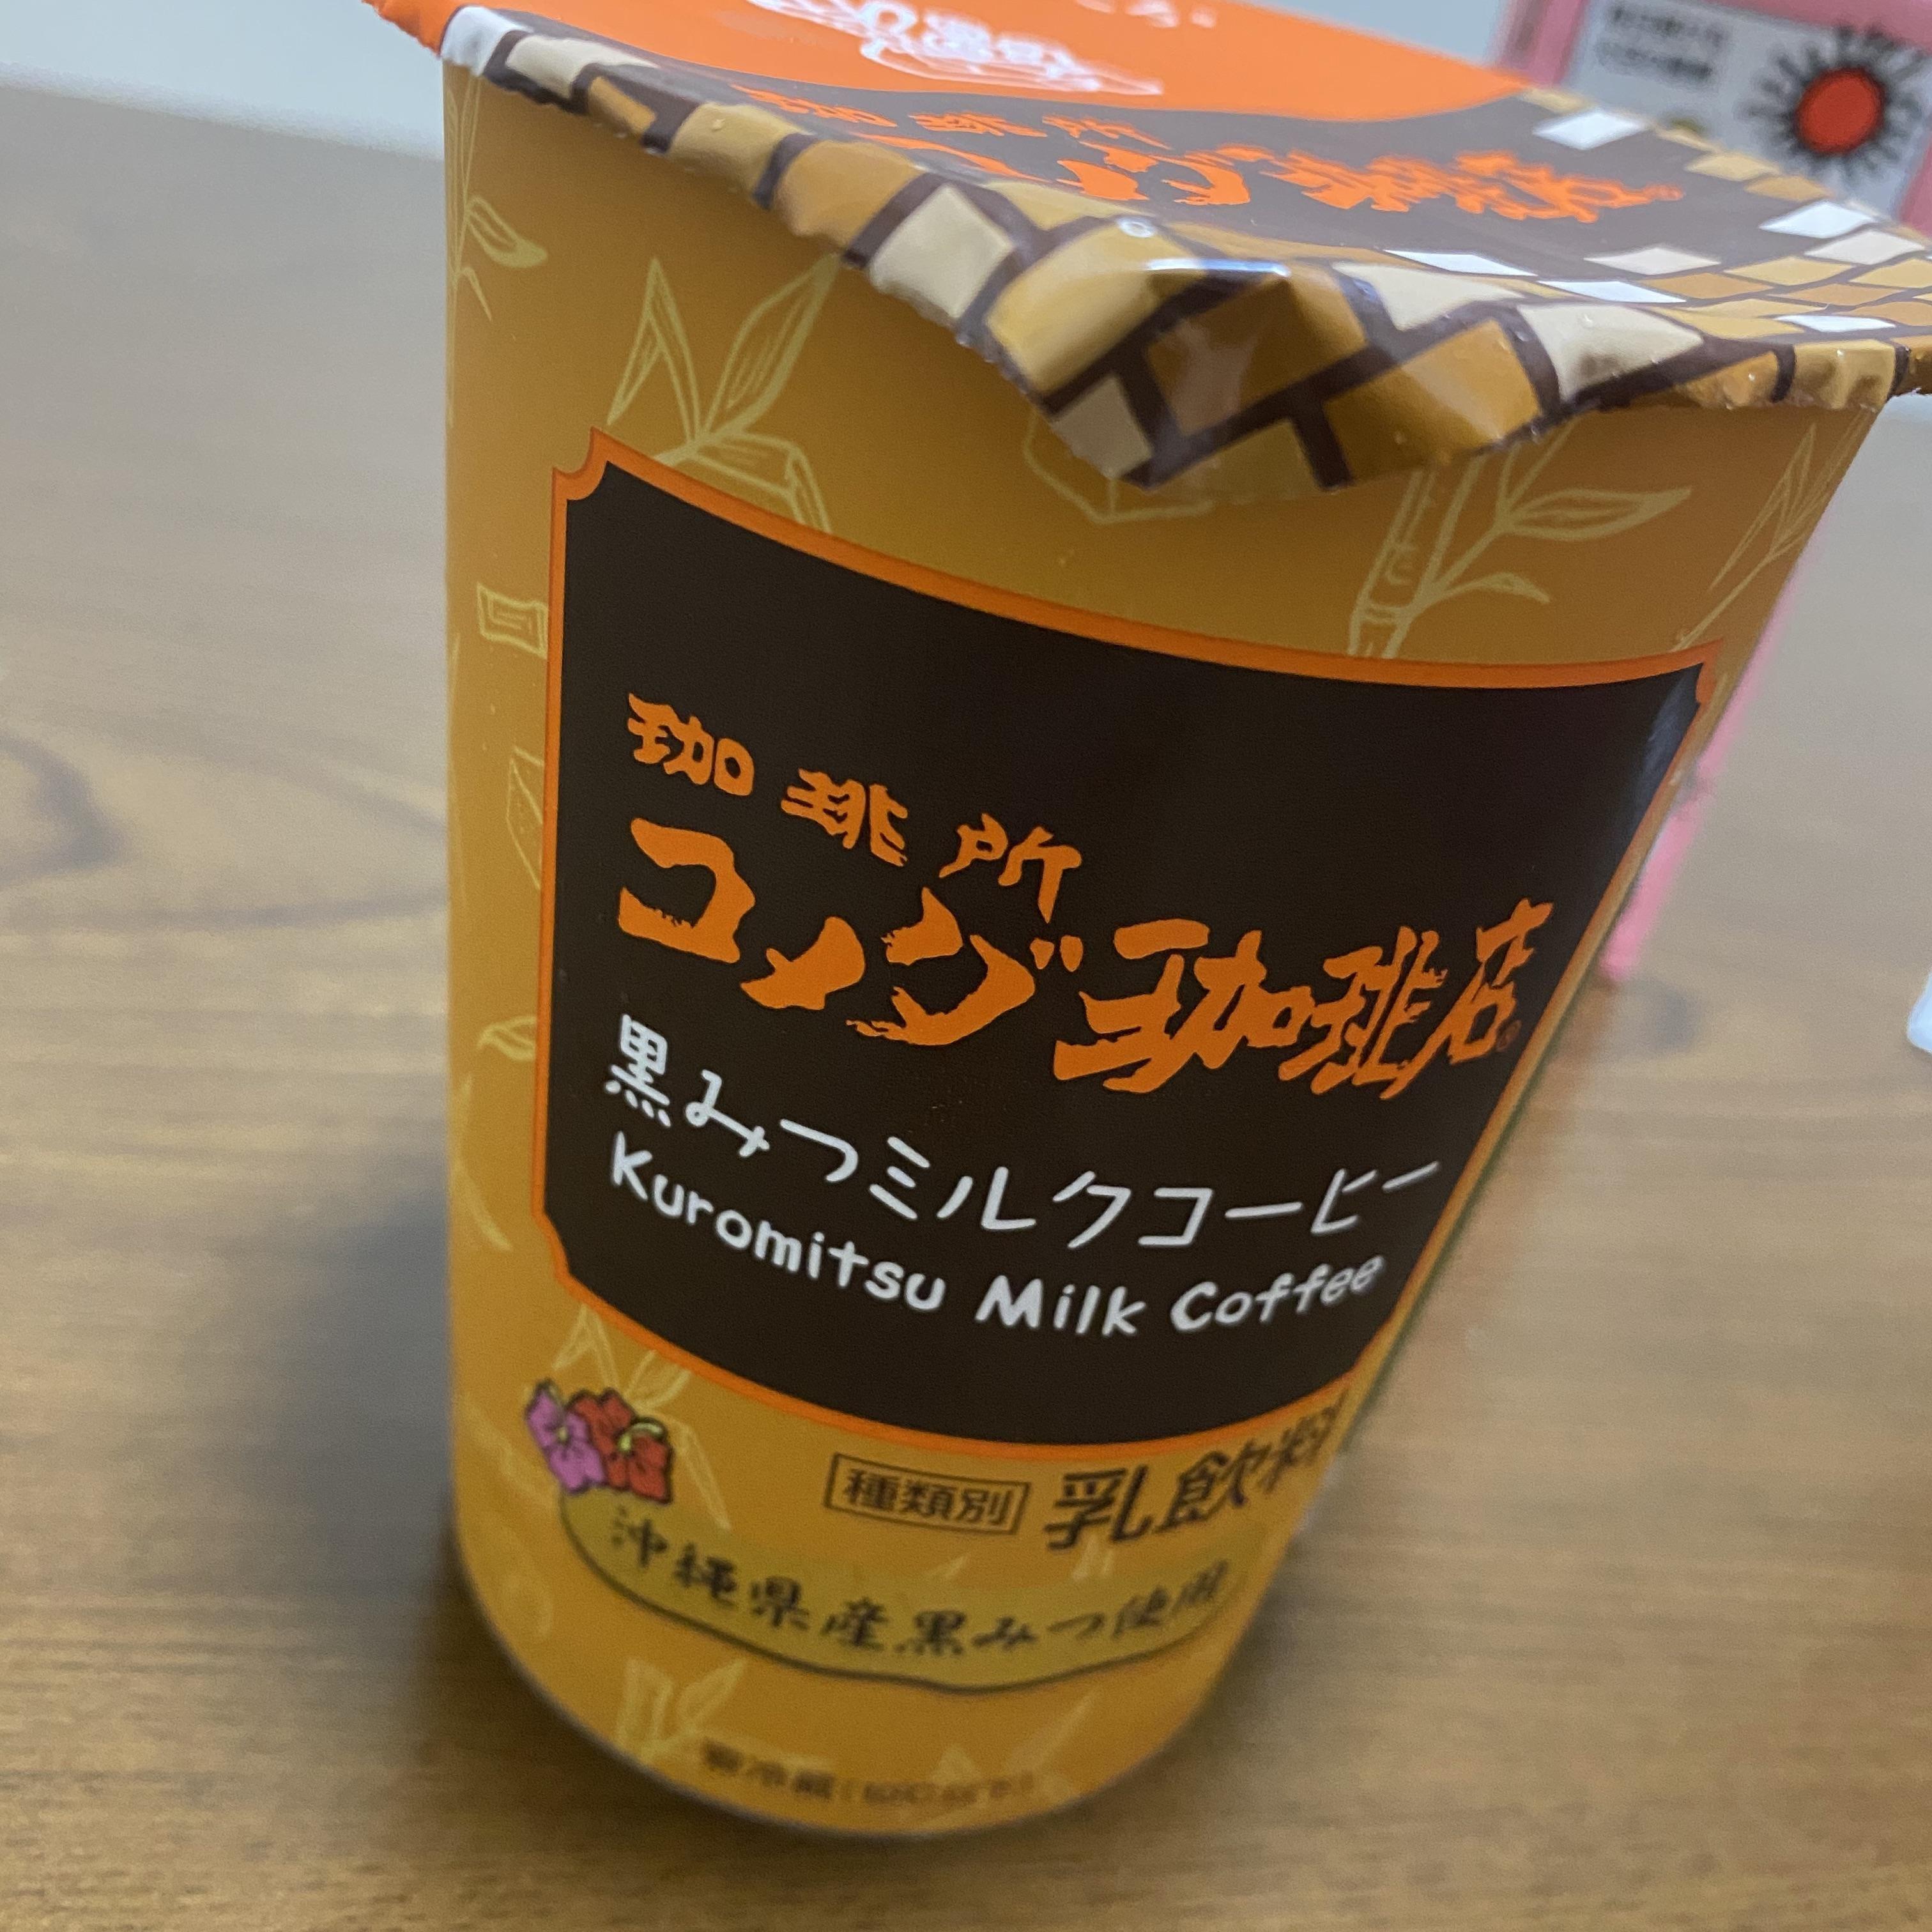 「お気に入り♡」08/09(日) 23:41 | 北川ももの写メ・風俗動画